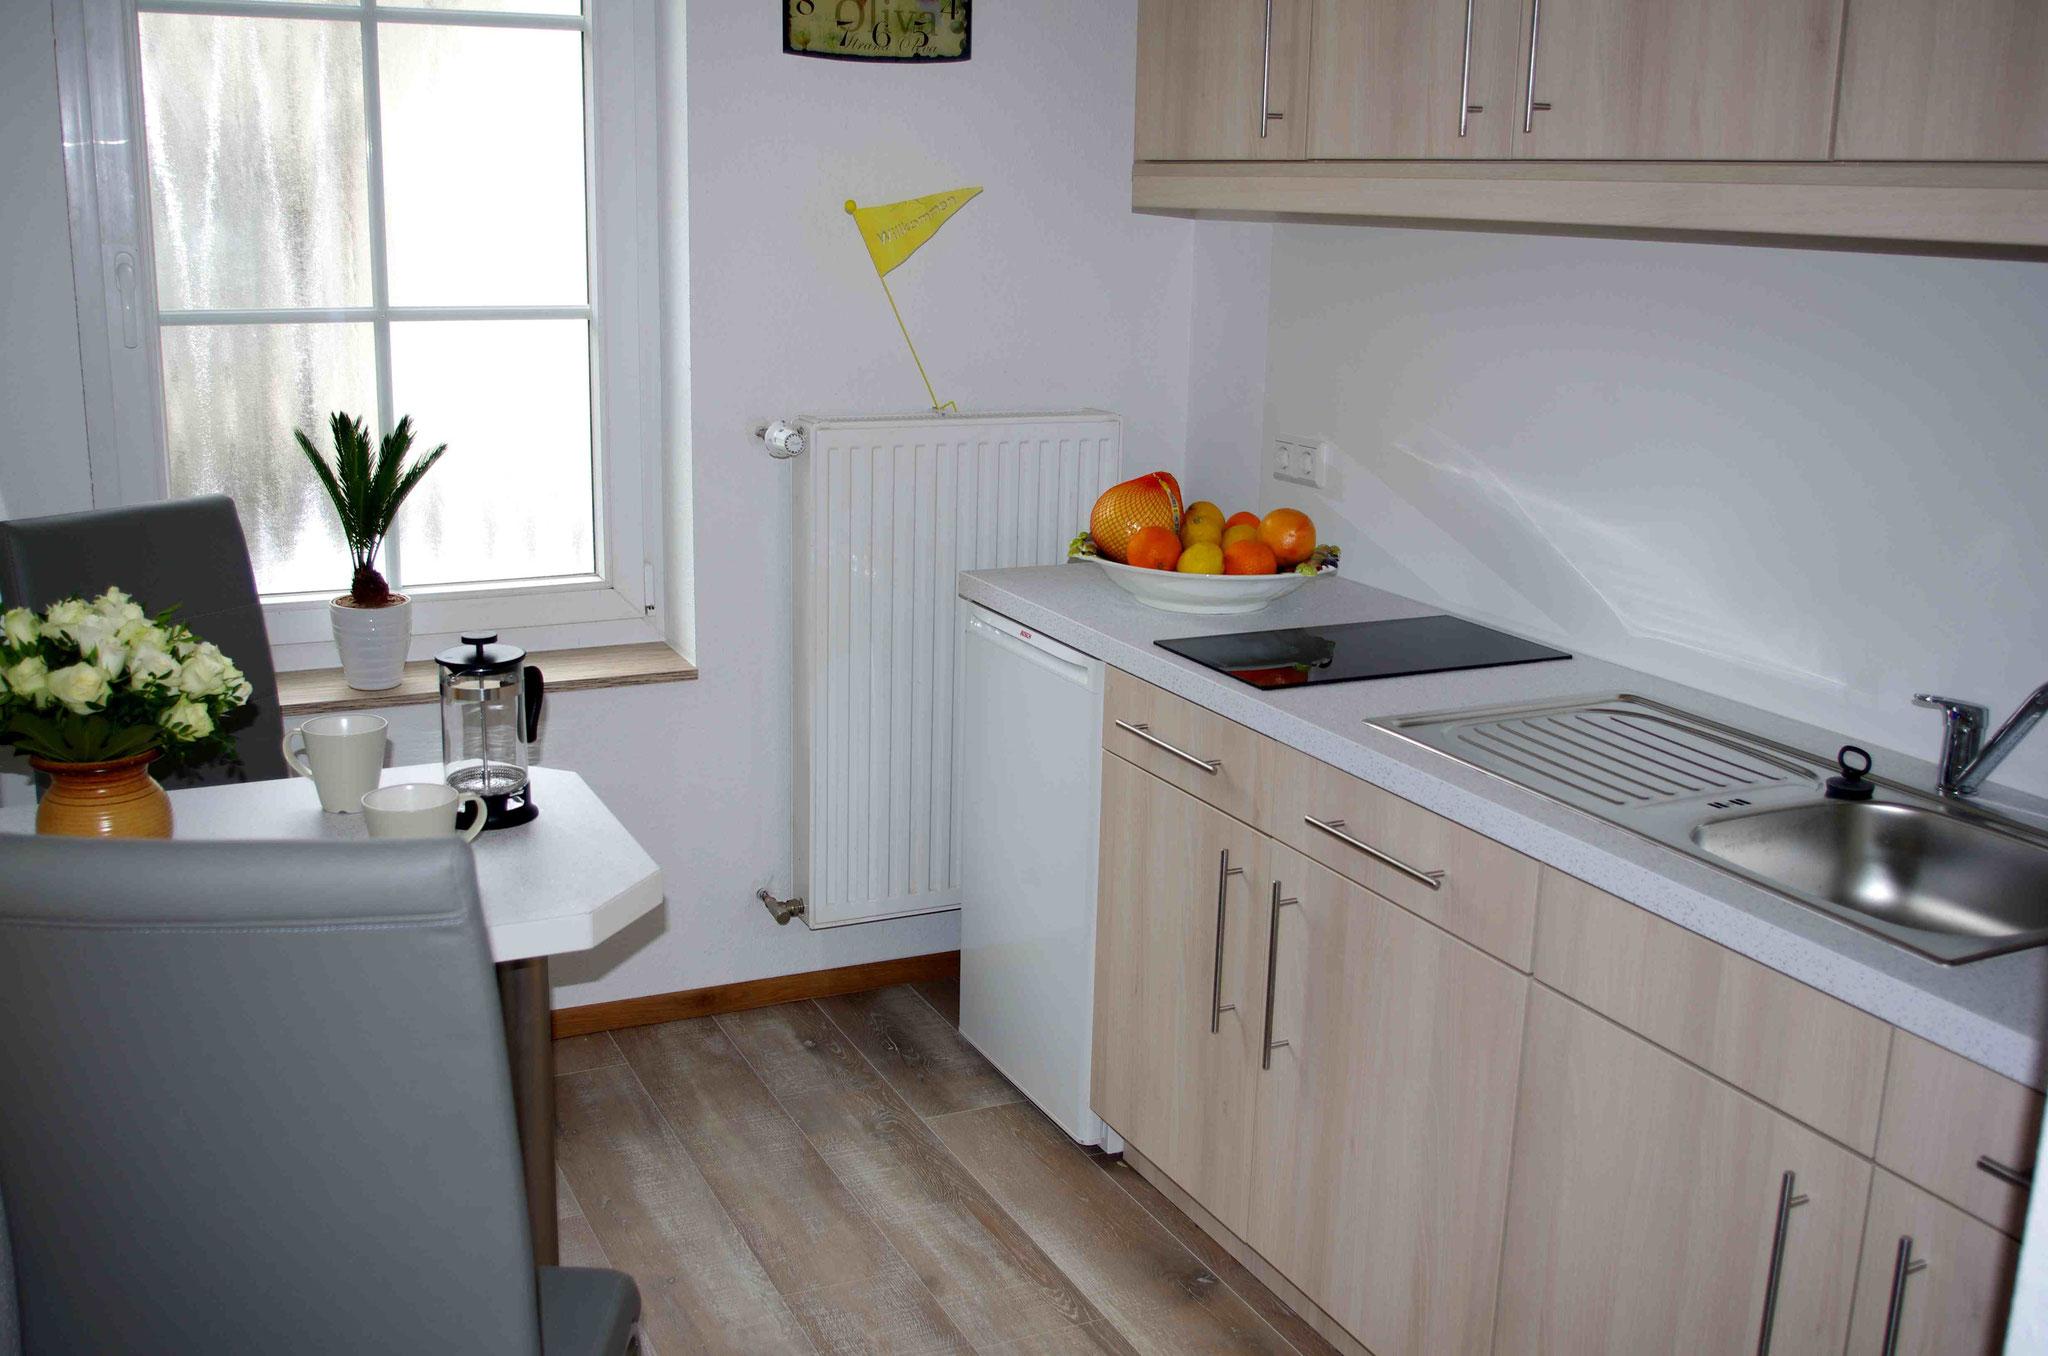 Eine Küche mit allen Features für den Urlaub. Toaster, Kaffeemaschine, Wasserkocher,Microwelle mit Heißluft und Grill, Ceranfeld und einer üppigen Ausstattung an Geschirr